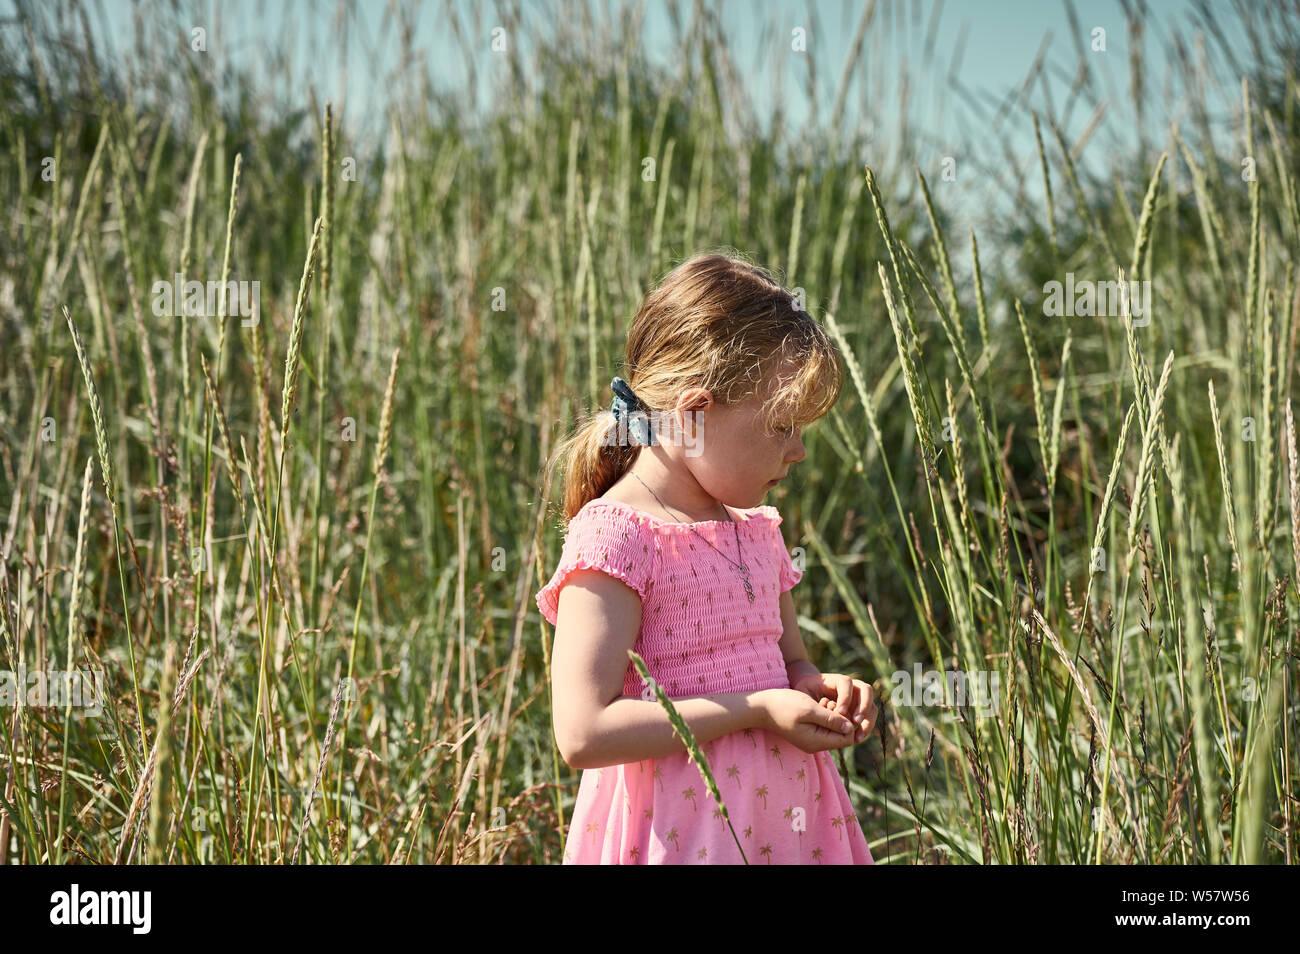 Considerato giovane ragazza in abito rosa piedi tra erba alta nel verde lussureggiante campo sulla grotta isola di apprendimento e natura selvaggia Foto Stock